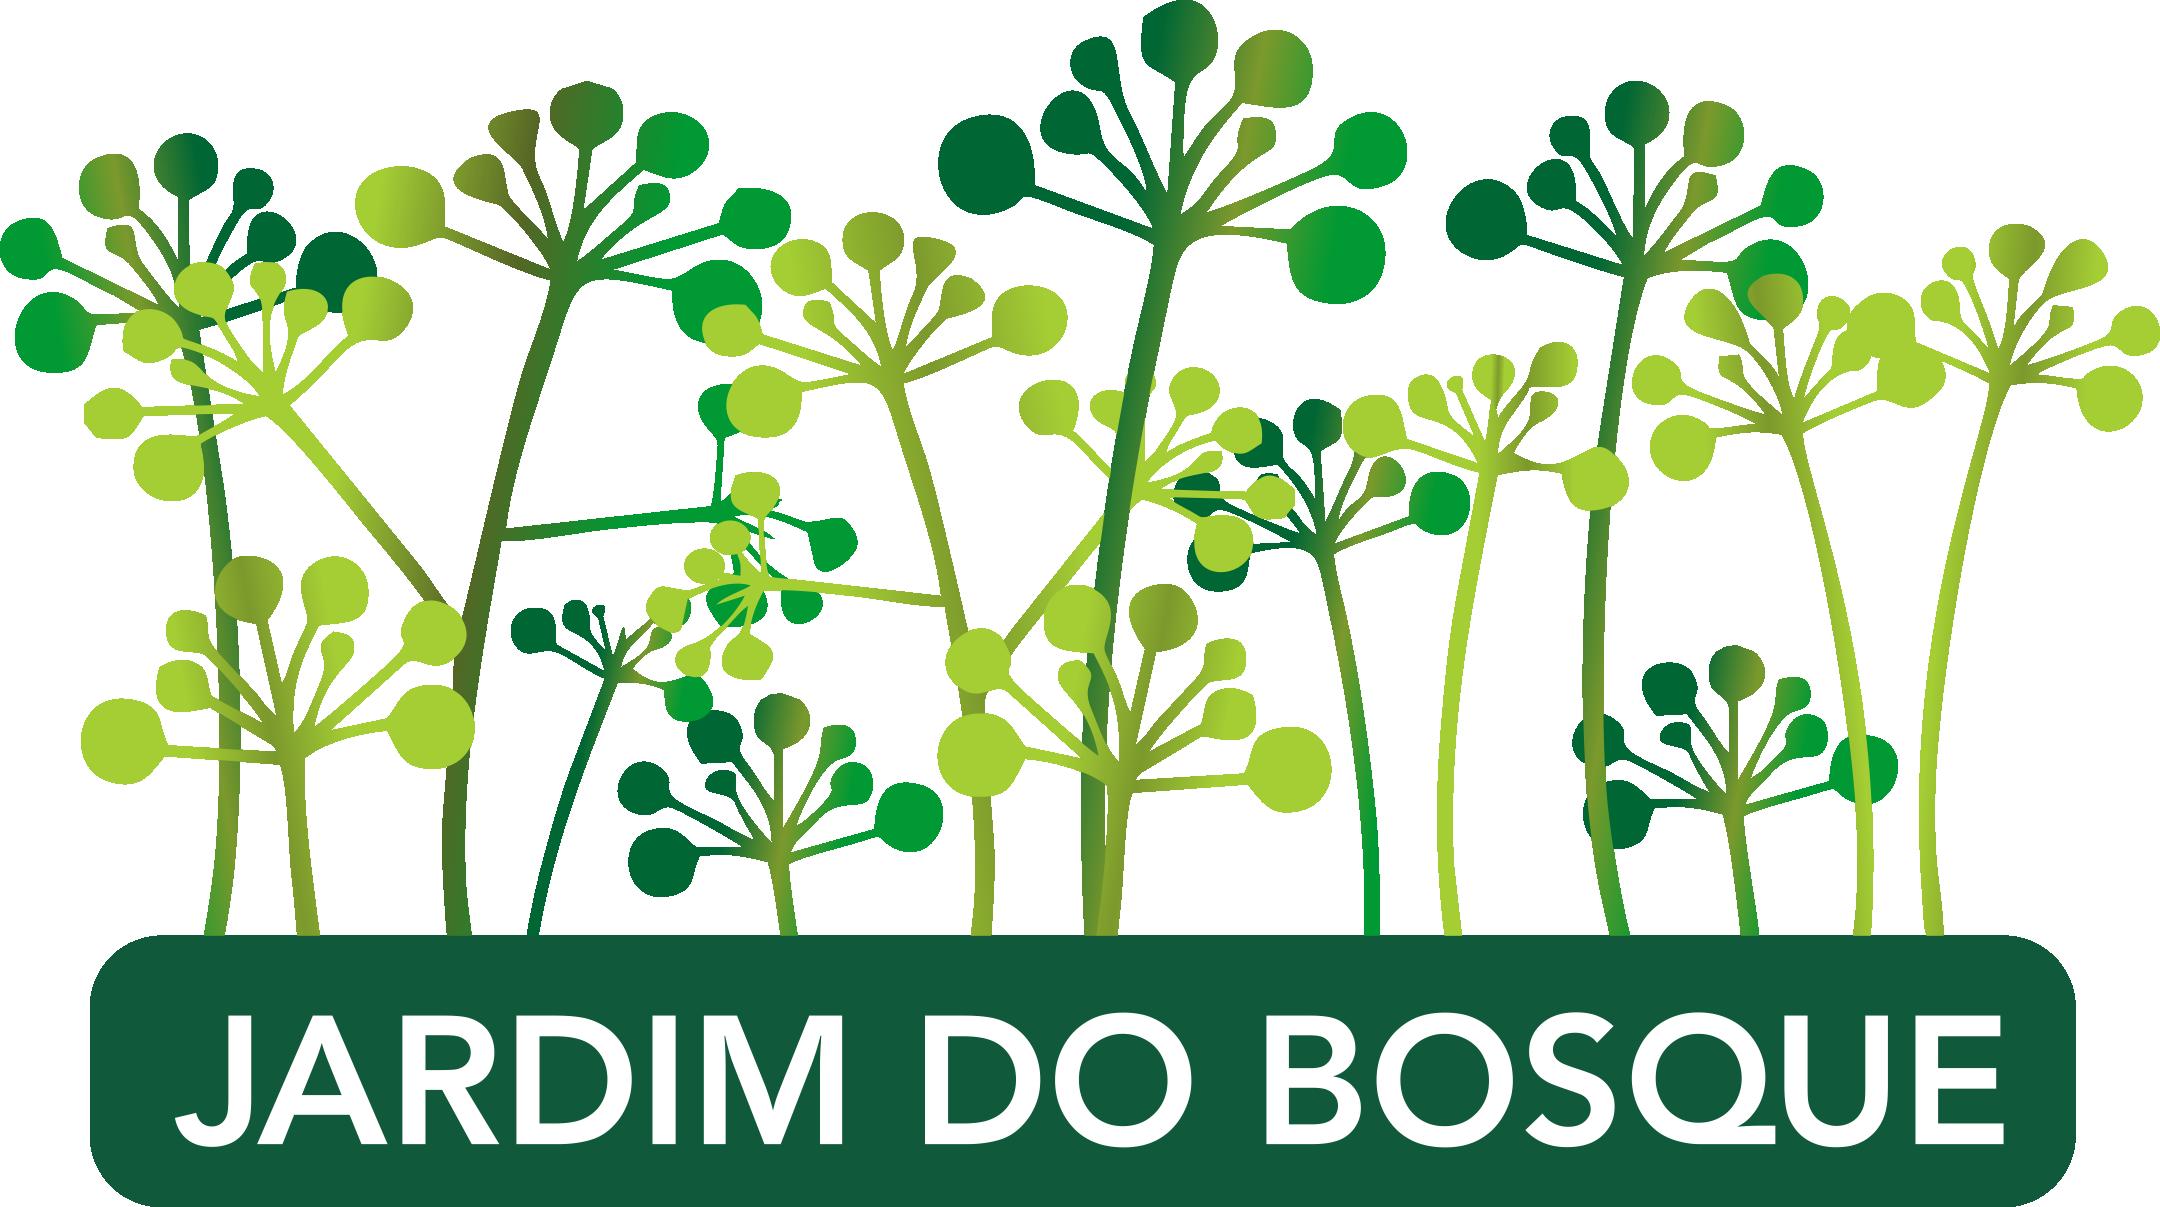 jardim-do-bosque-digimobi